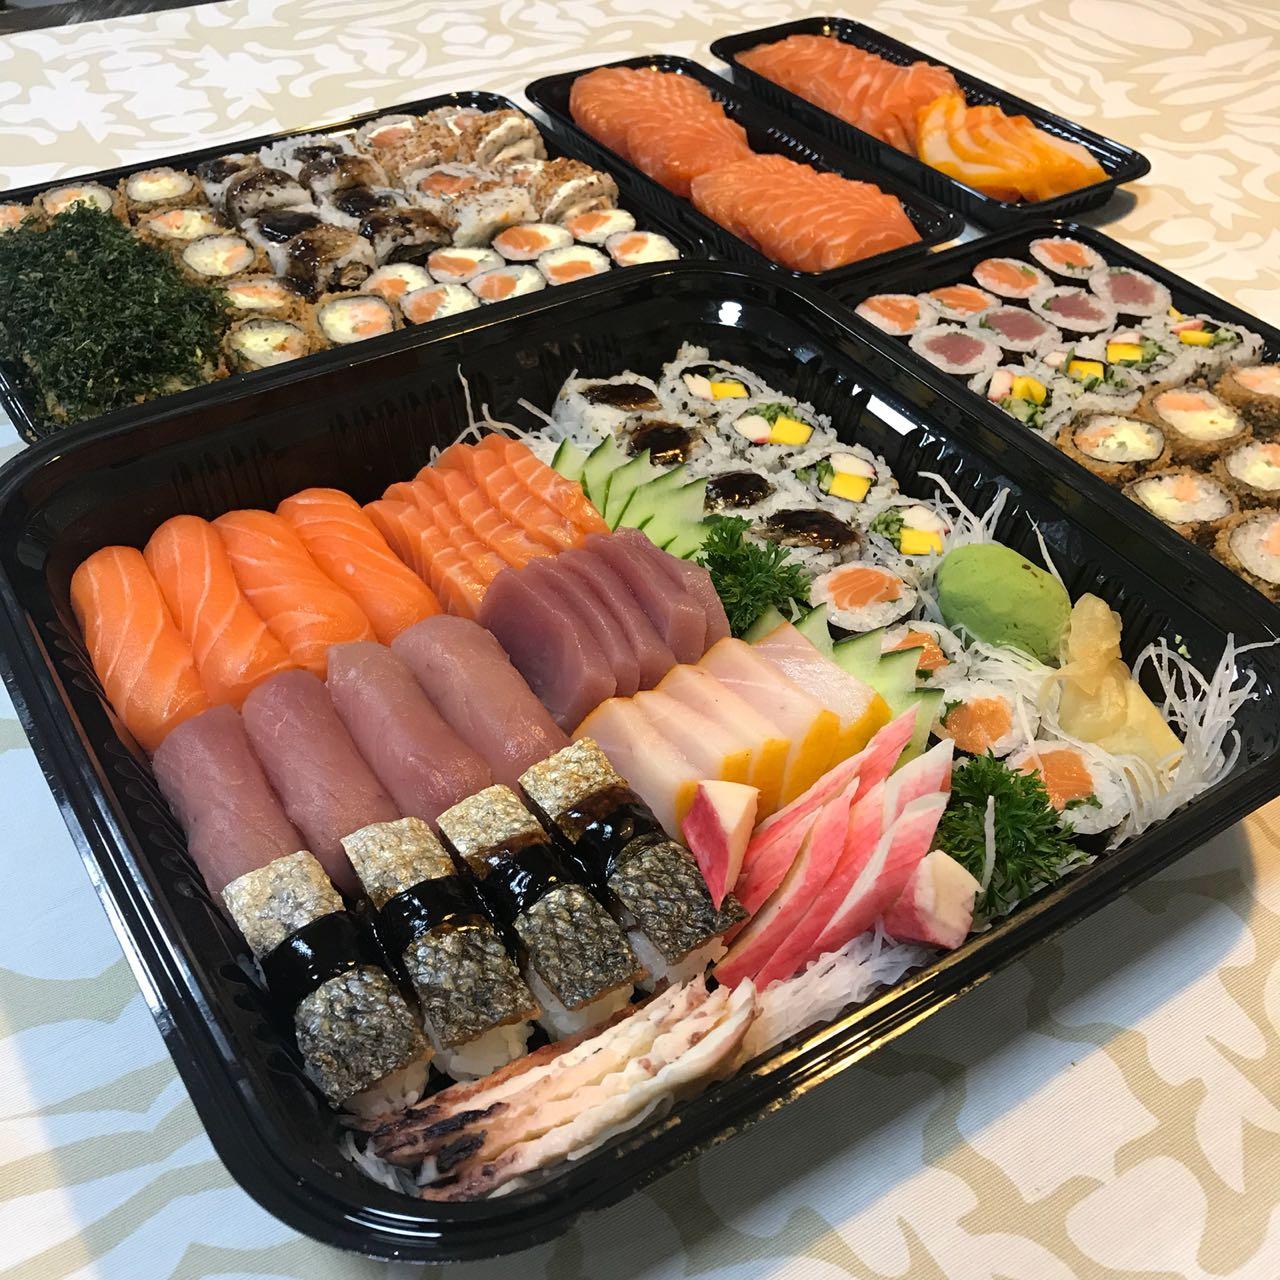 Os melhores restaurantes de comida japonesa de Vitria e